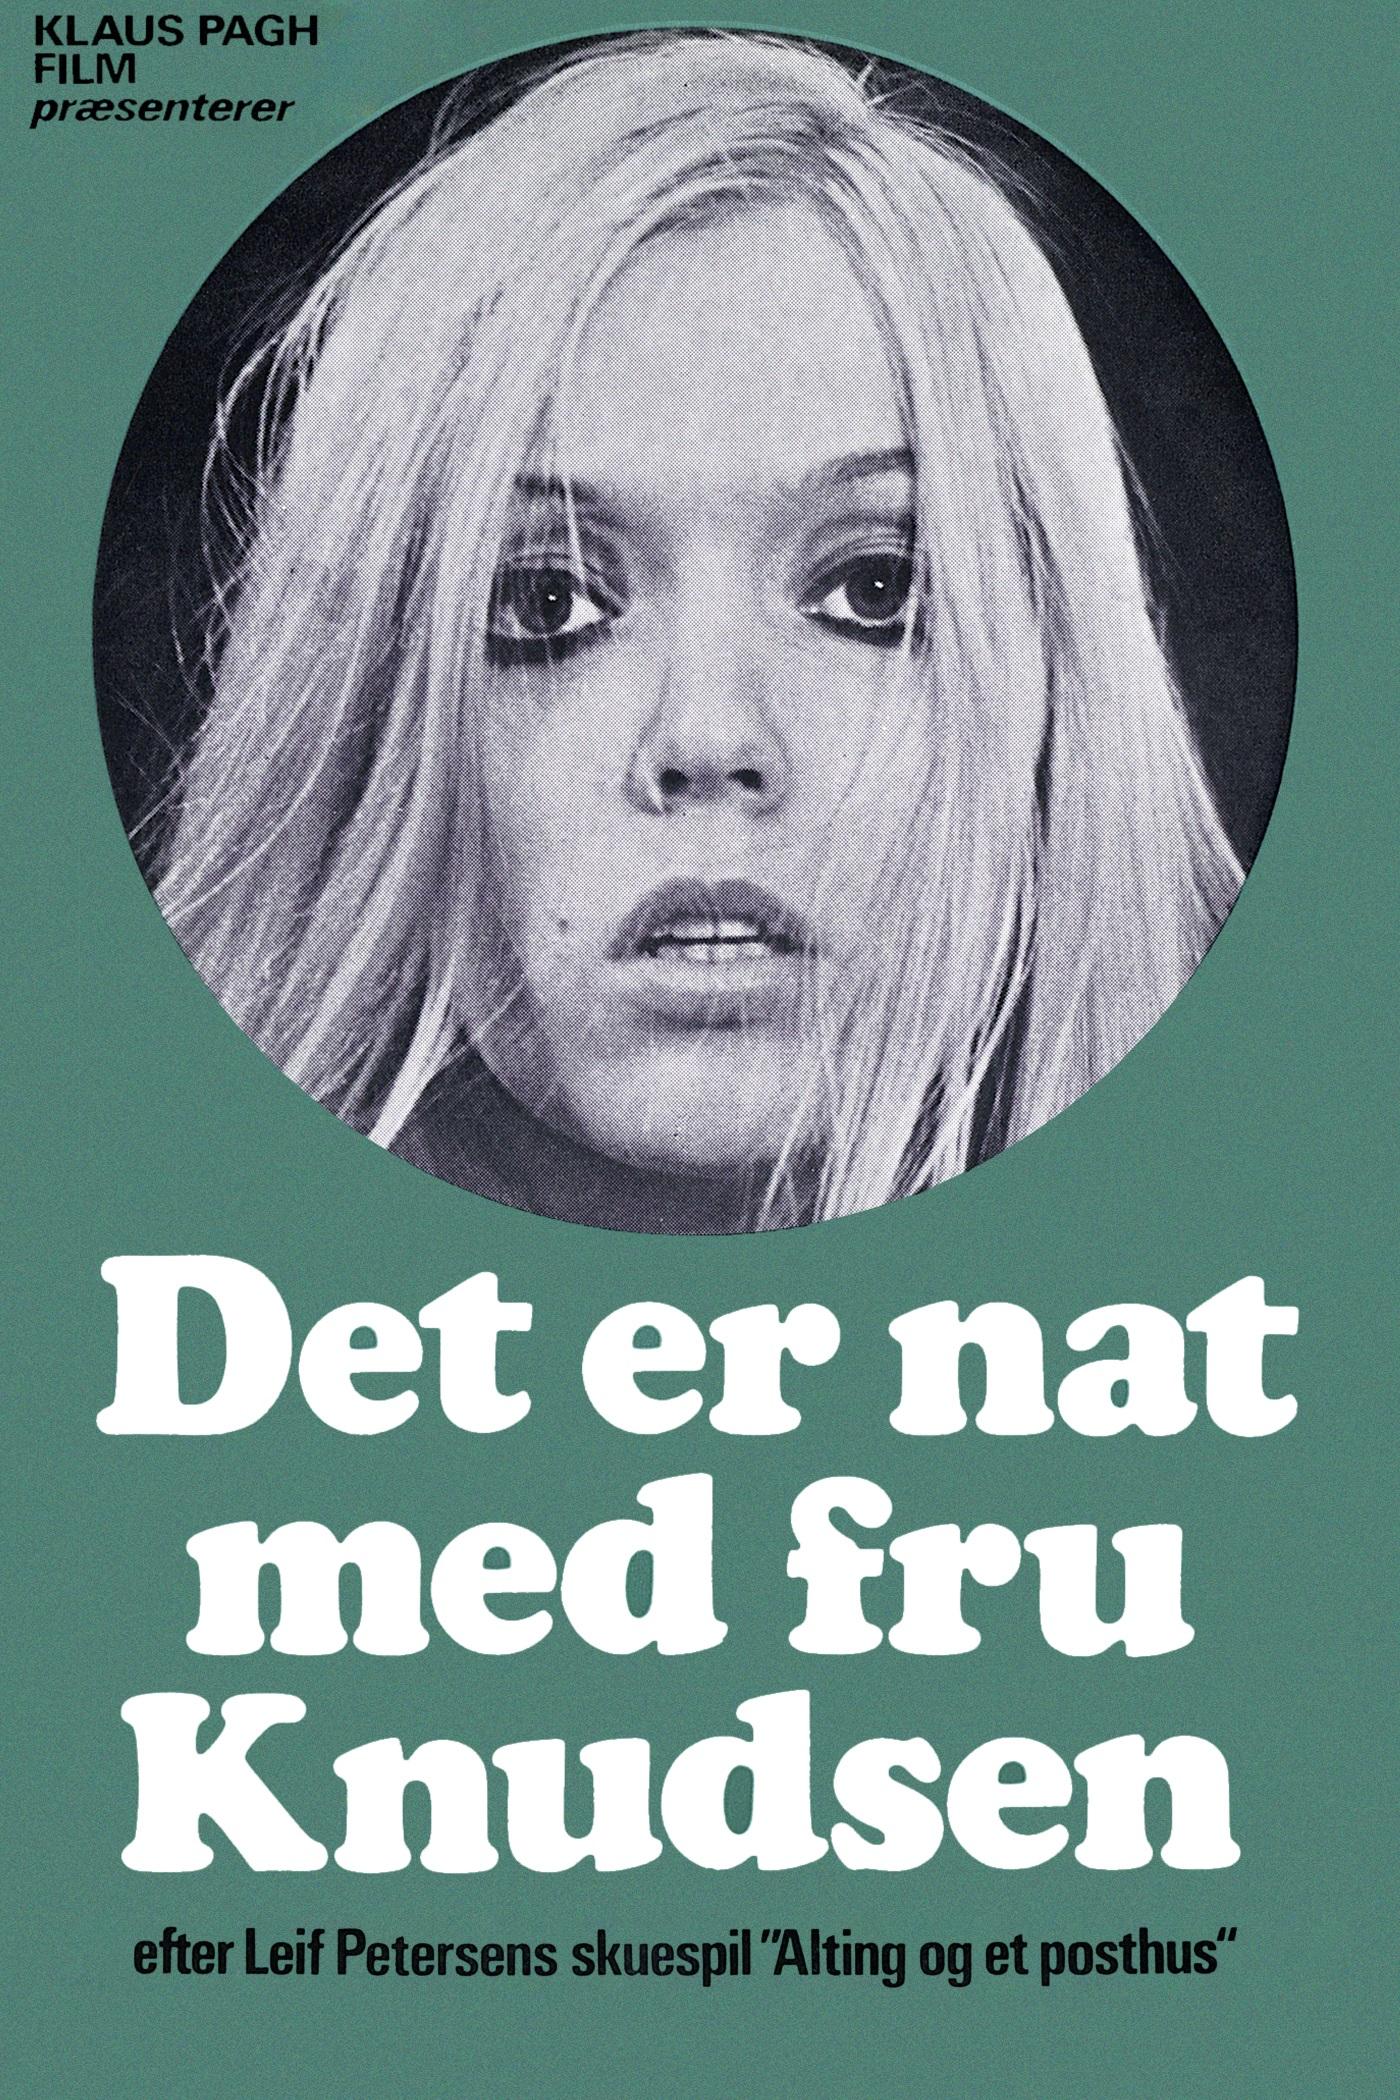 Det Er Nat Med Fru Knudsen -  - Film -  - 5708758704489 - 19/8-2020